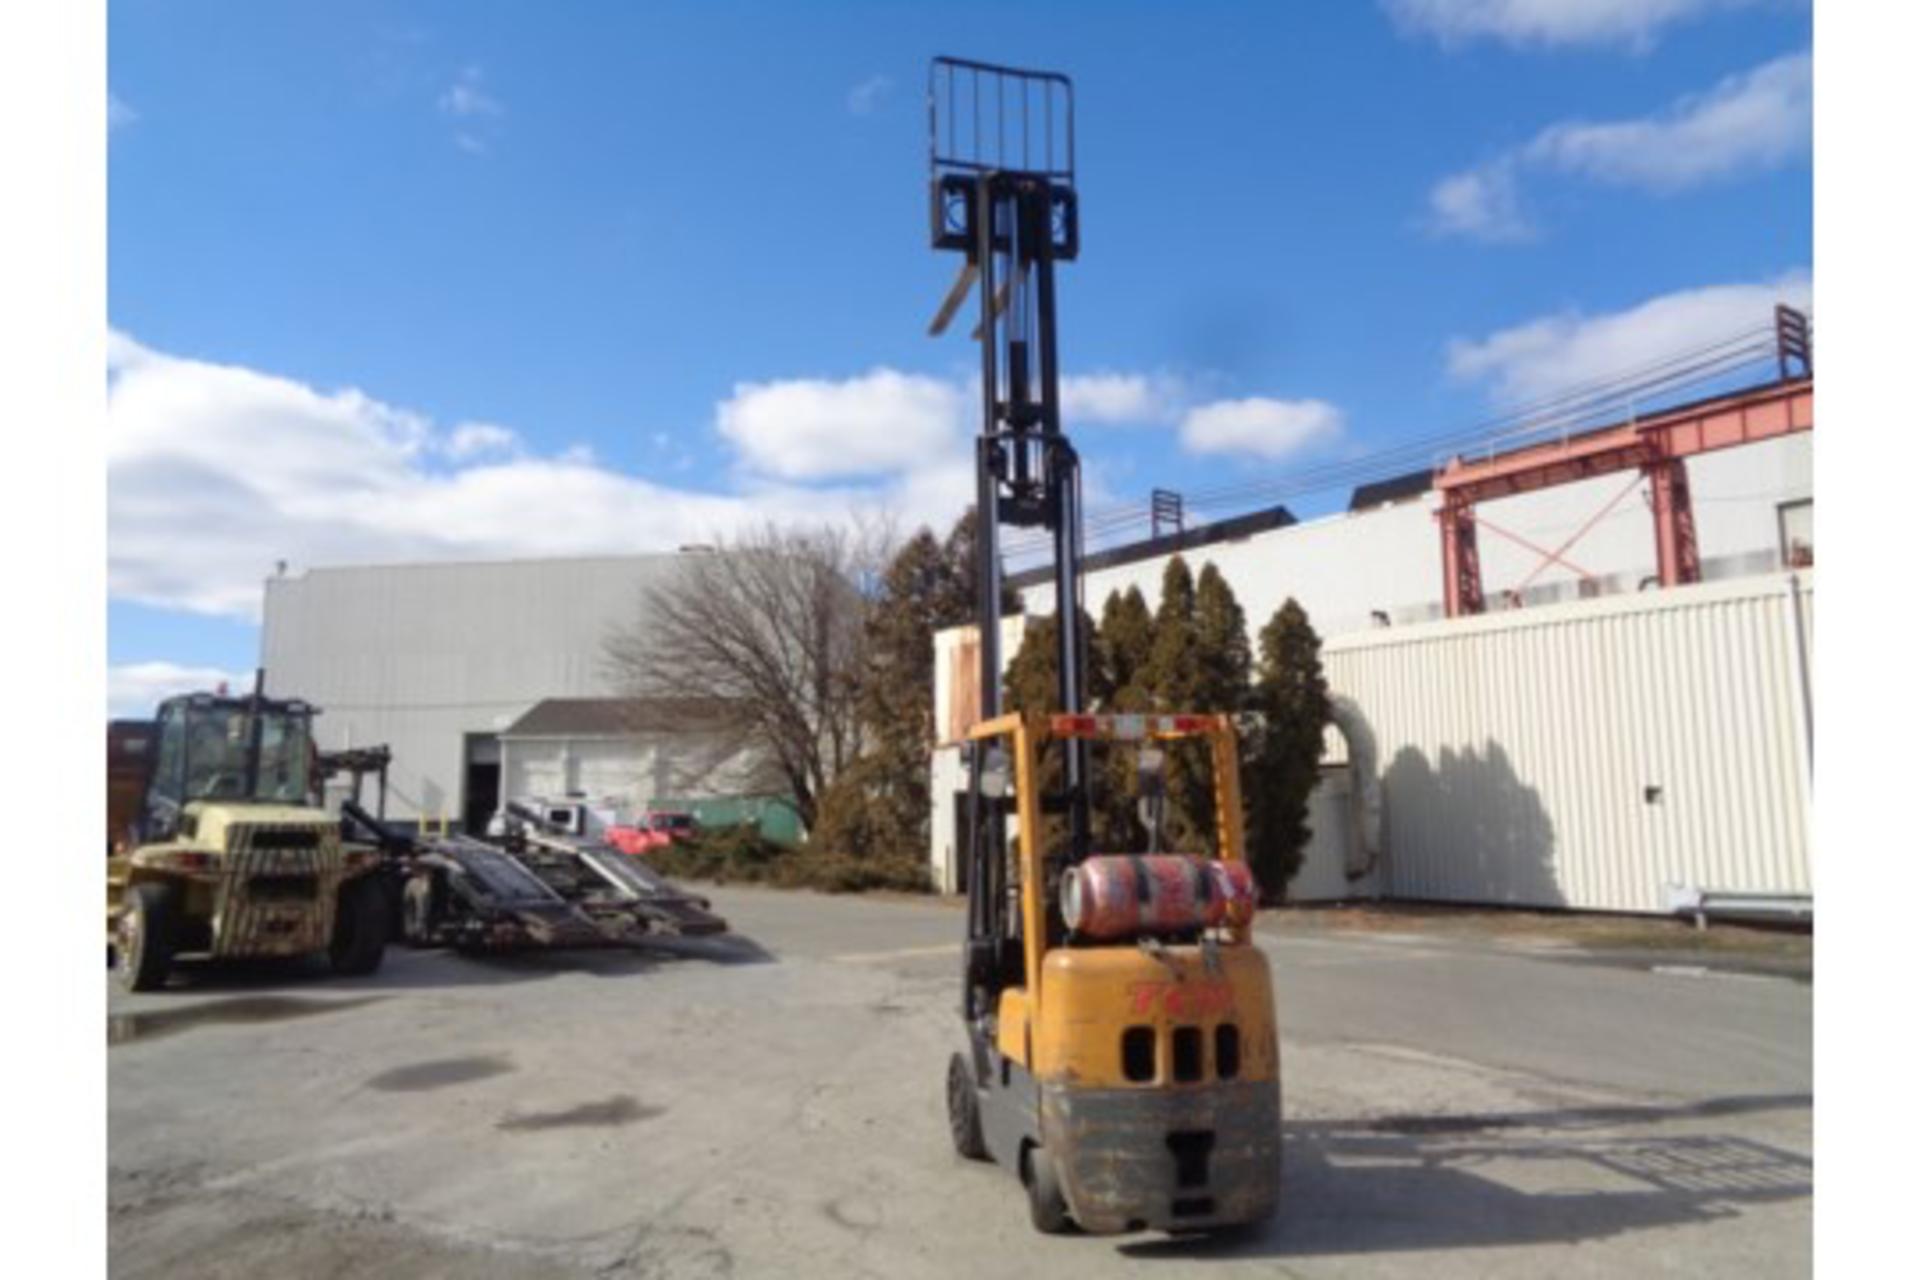 TCM FCG15F9 3,000lb Forklift - Image 15 of 16